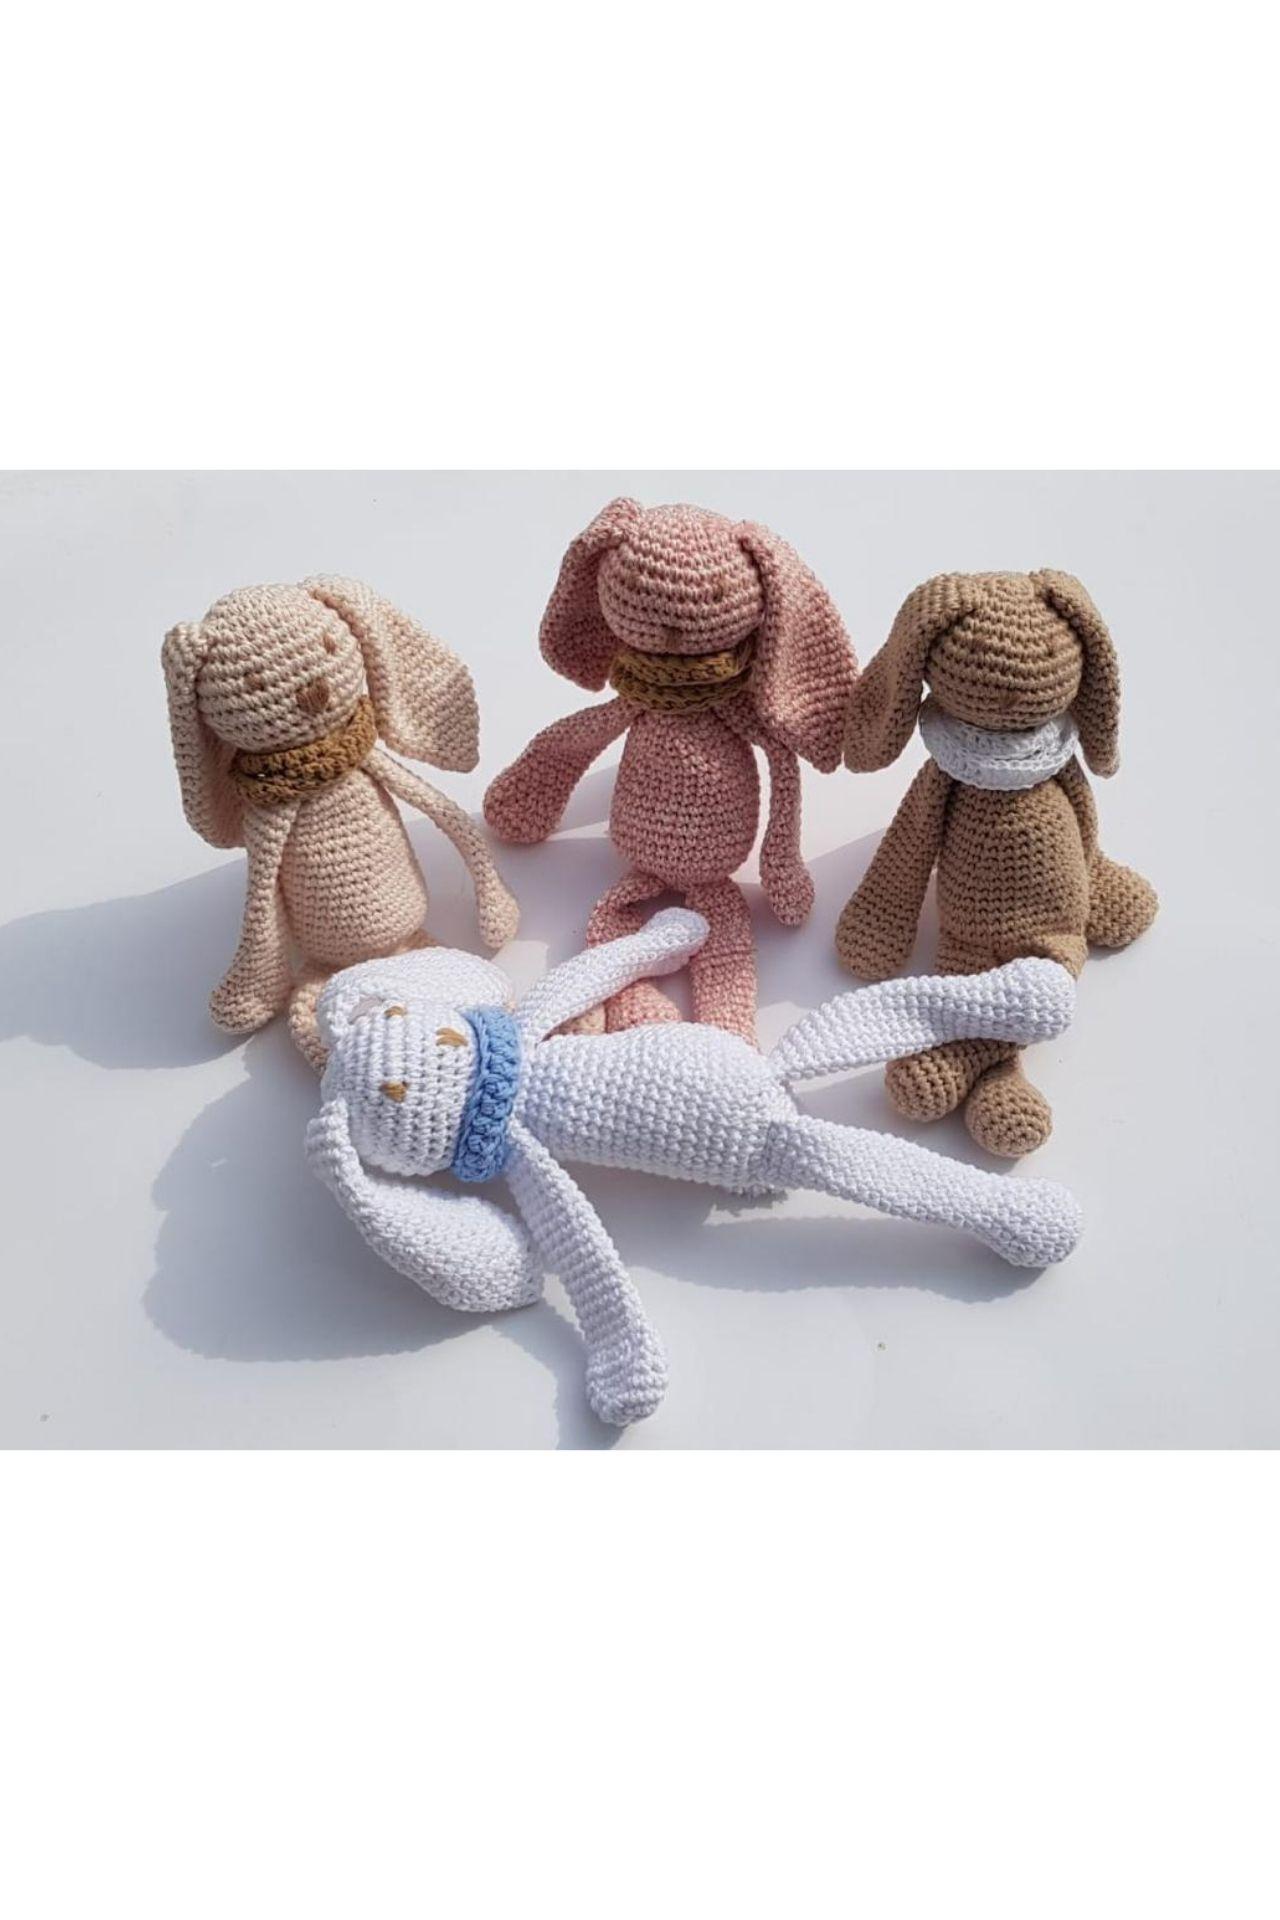 Conejitos de peluche de algodón.  Por adentro tienen relleno sintético es asi como los peluches.